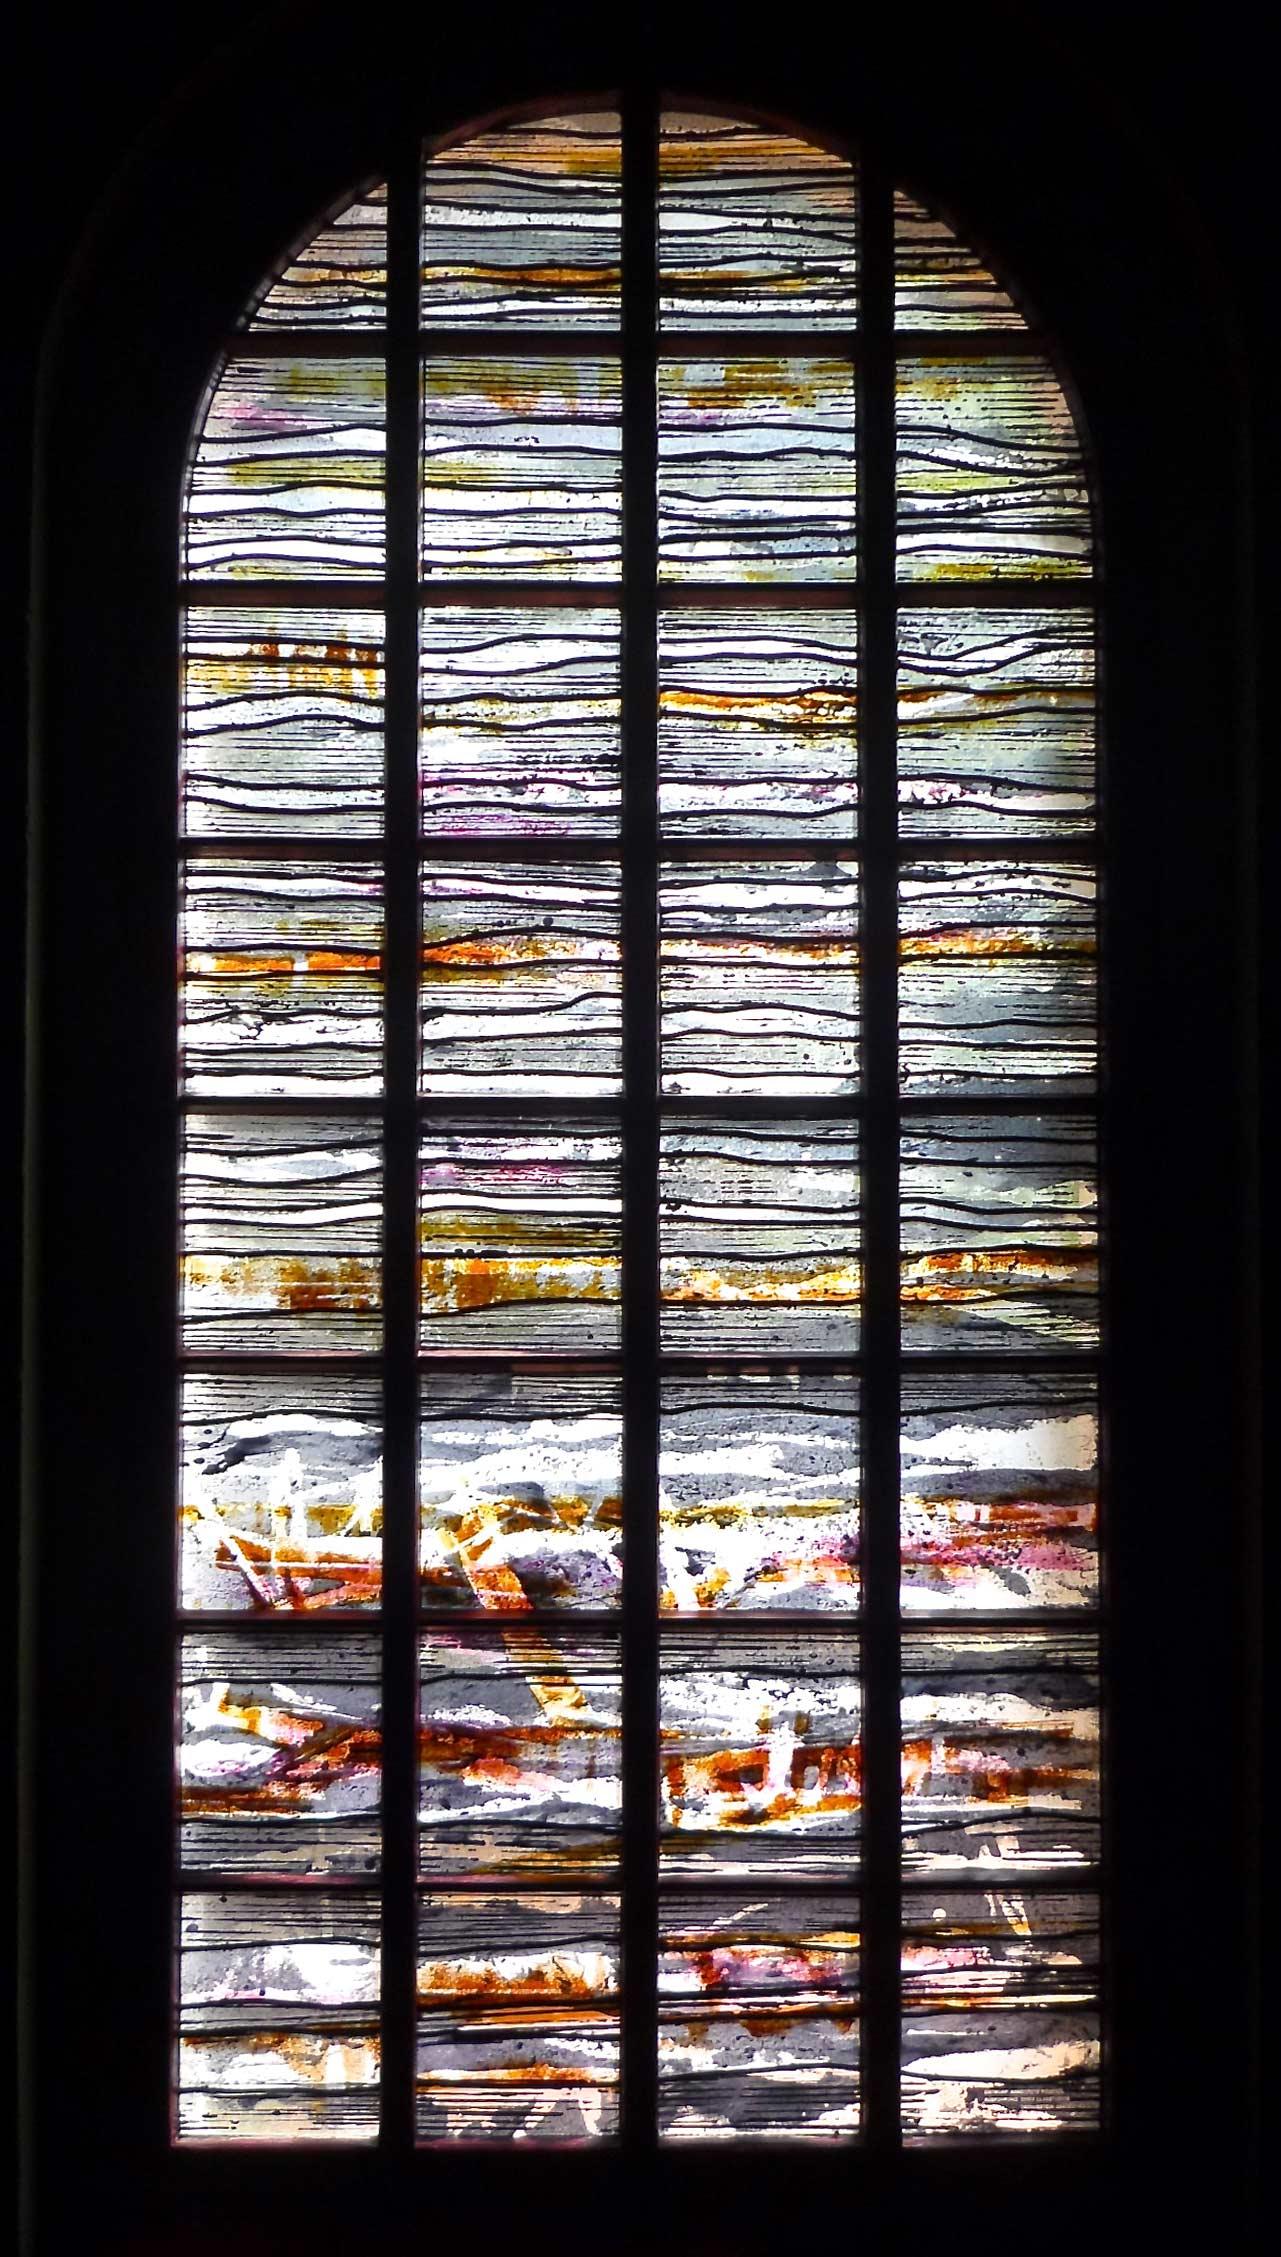 Seitenfenster in der Evangelische Kirche in Renneritz